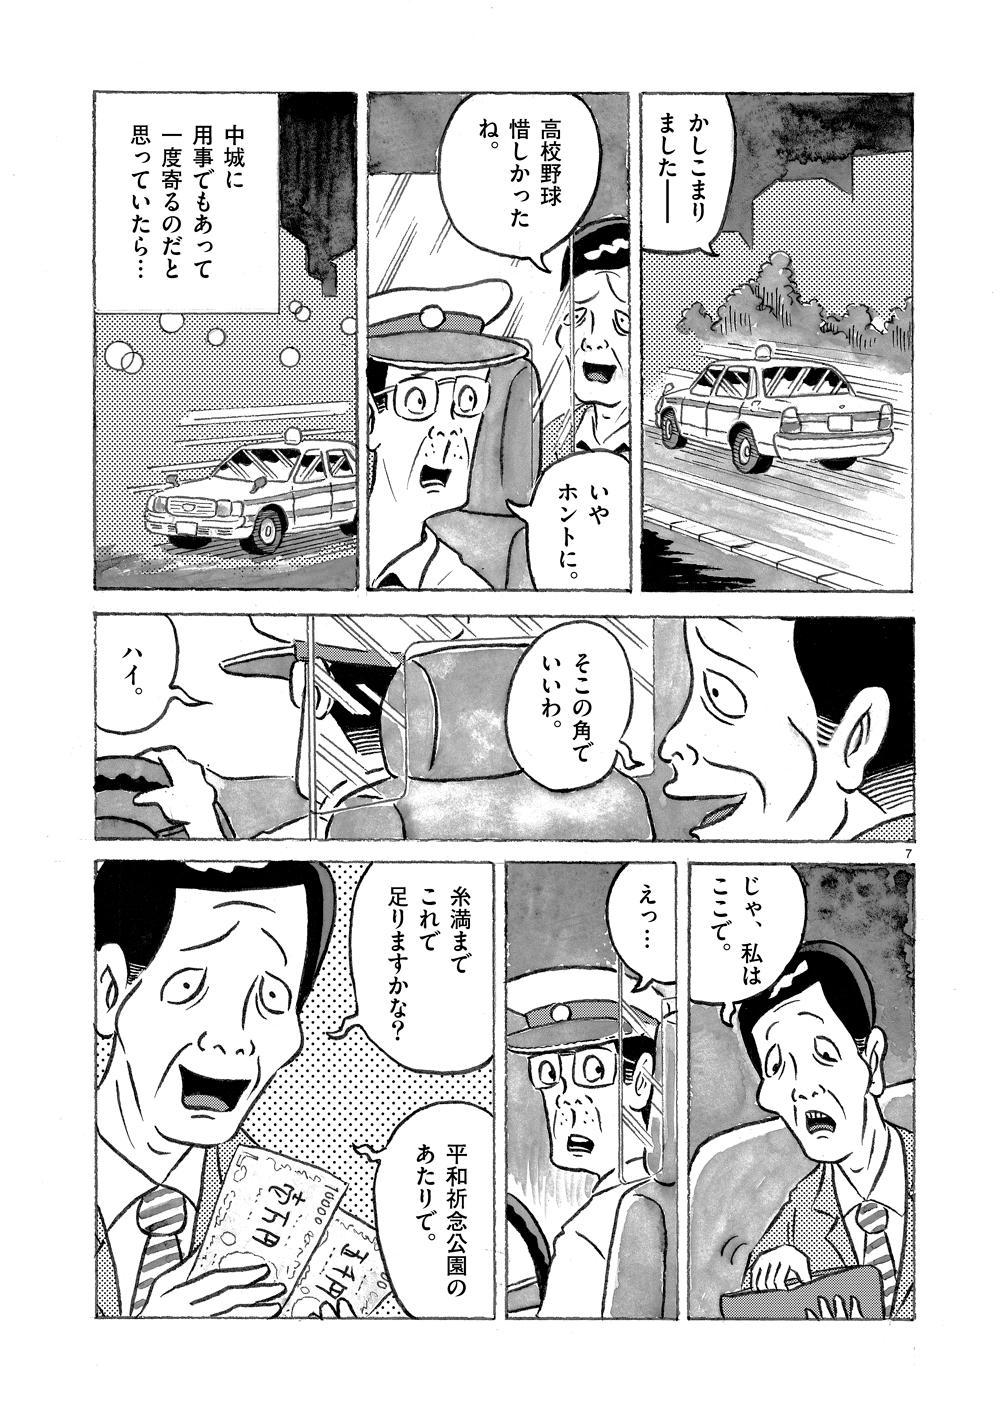 琉球怪談 【第9話】WEB掲載7ページ目画像